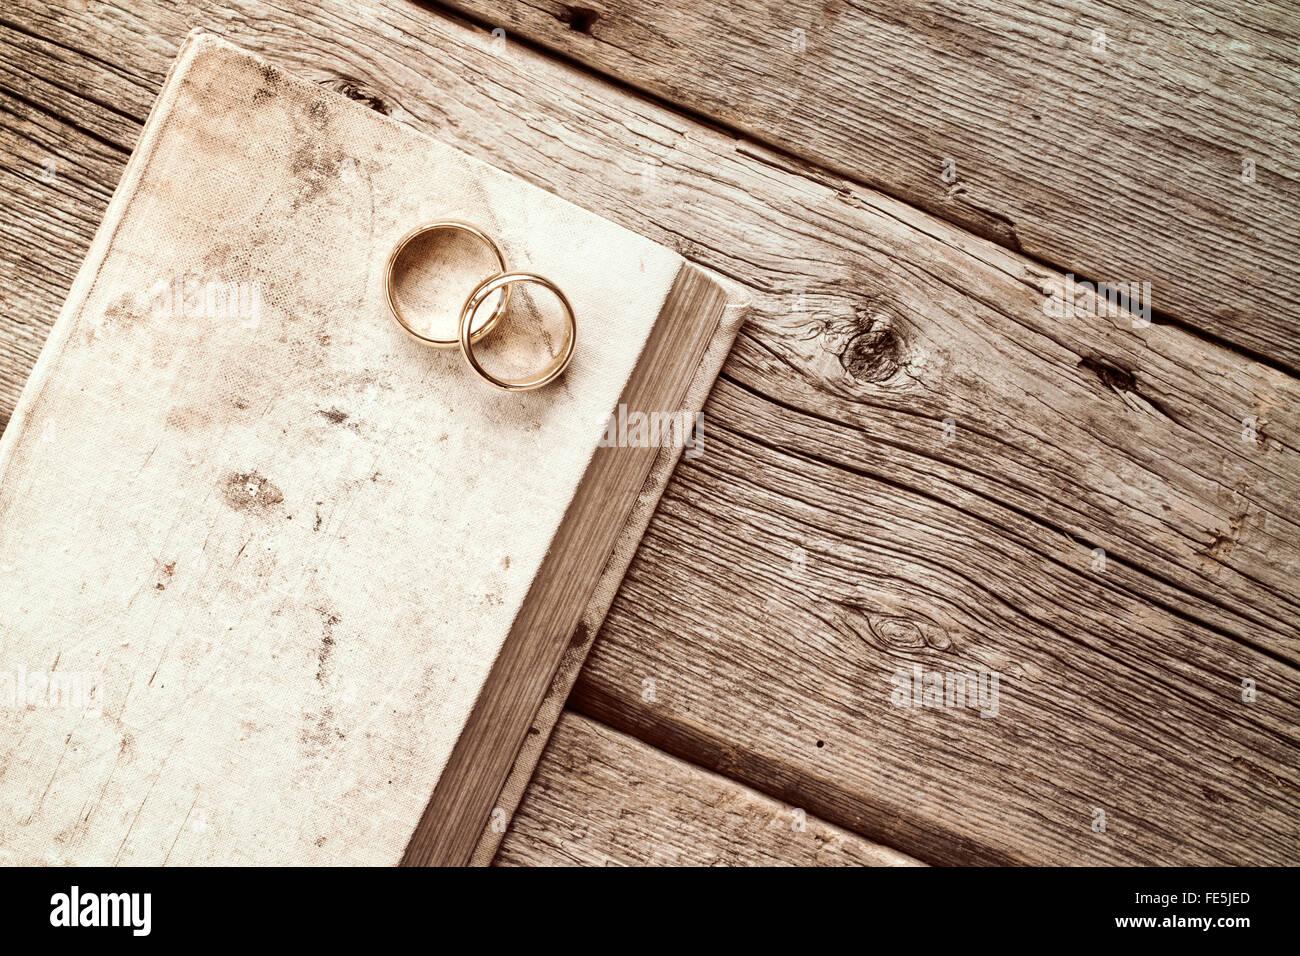 Zwei Goldene Hochzeit Ringe Auf Dem Alten Buch Stockfoto